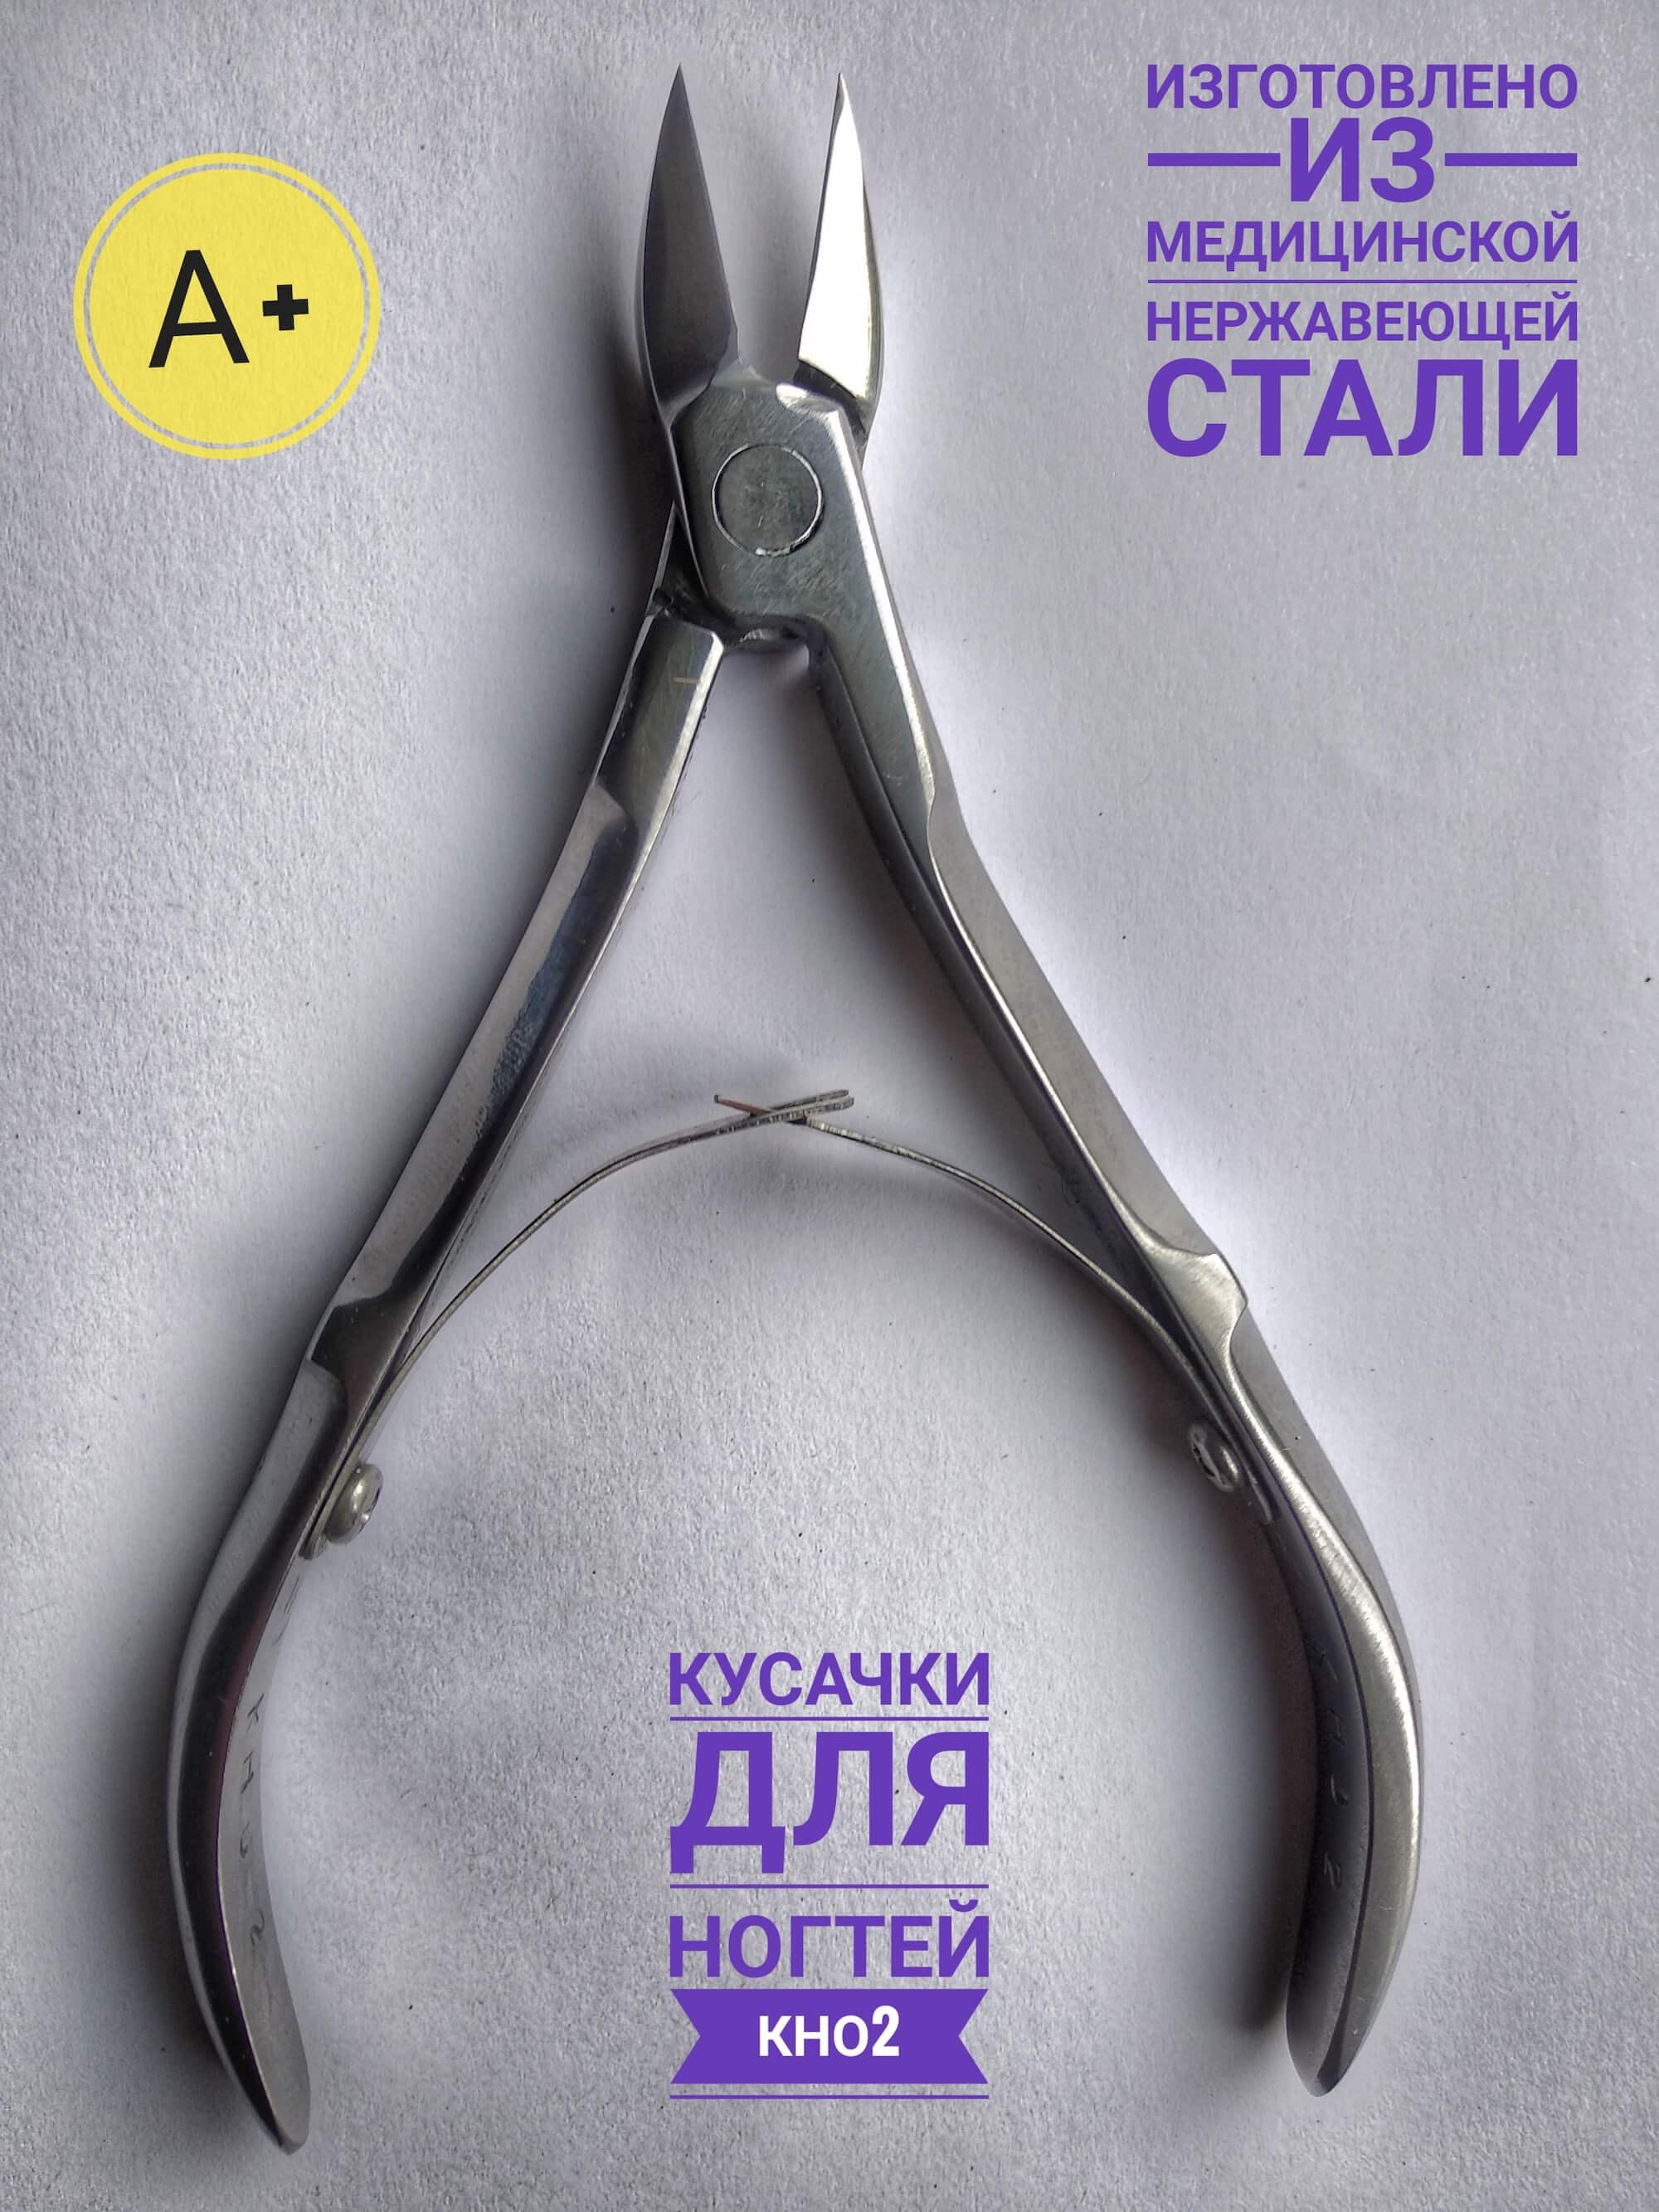 профессиональные кусачки для ногтей А+